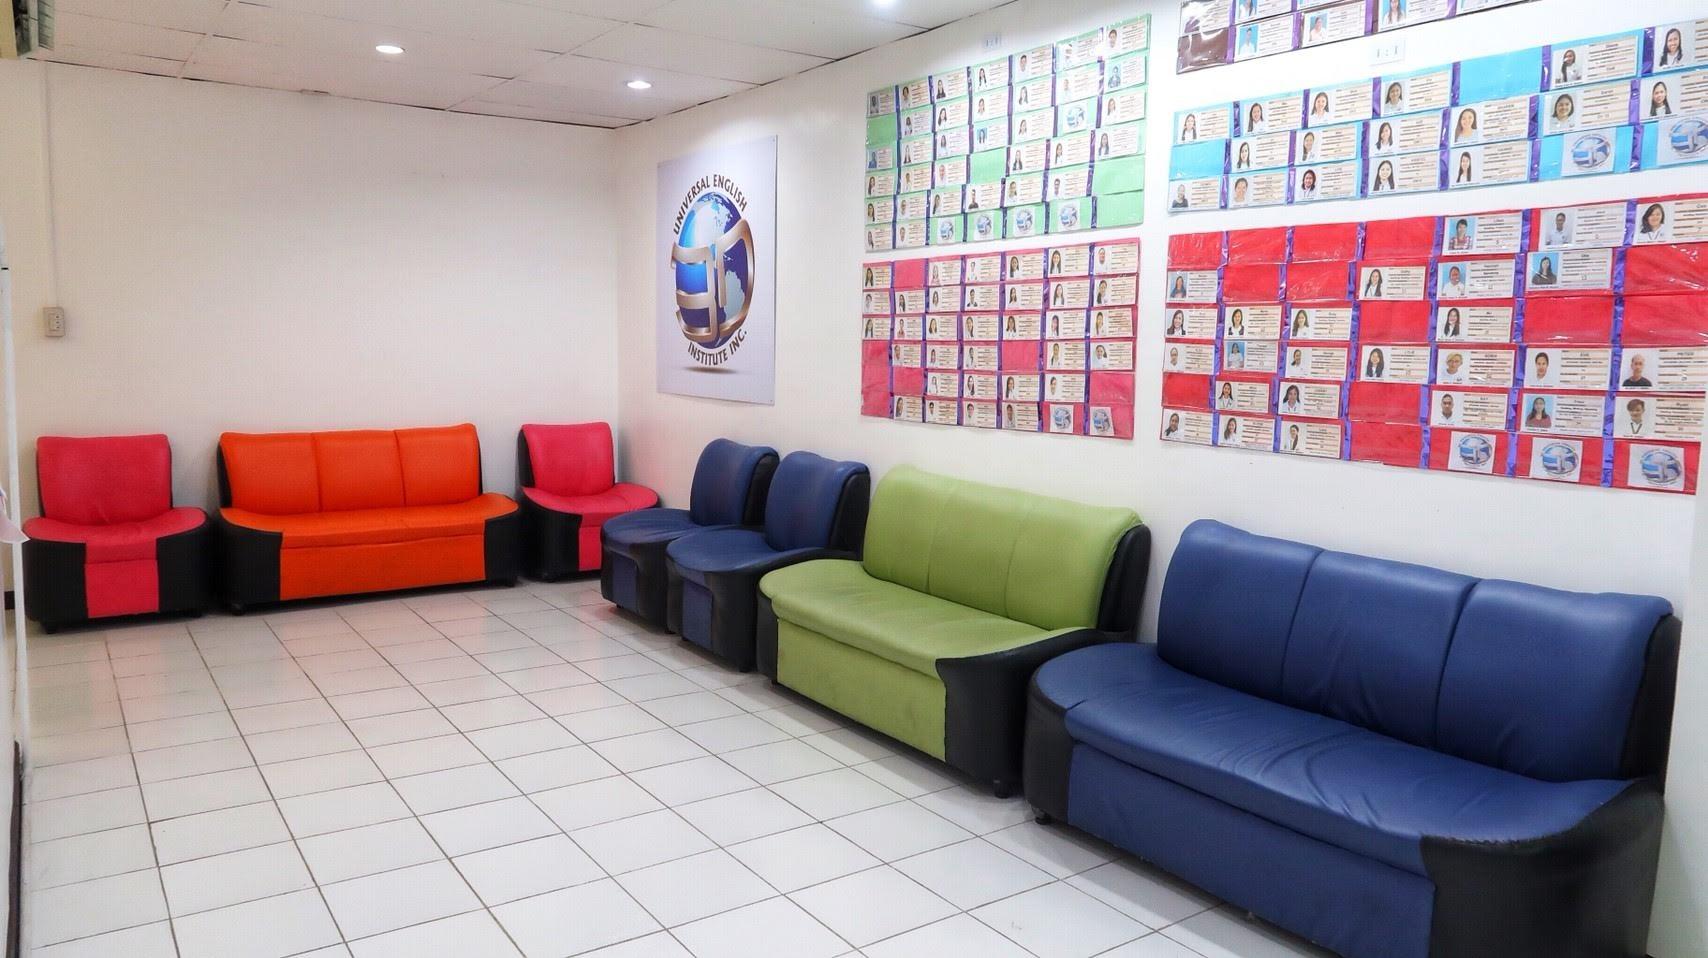 Sofa near the office